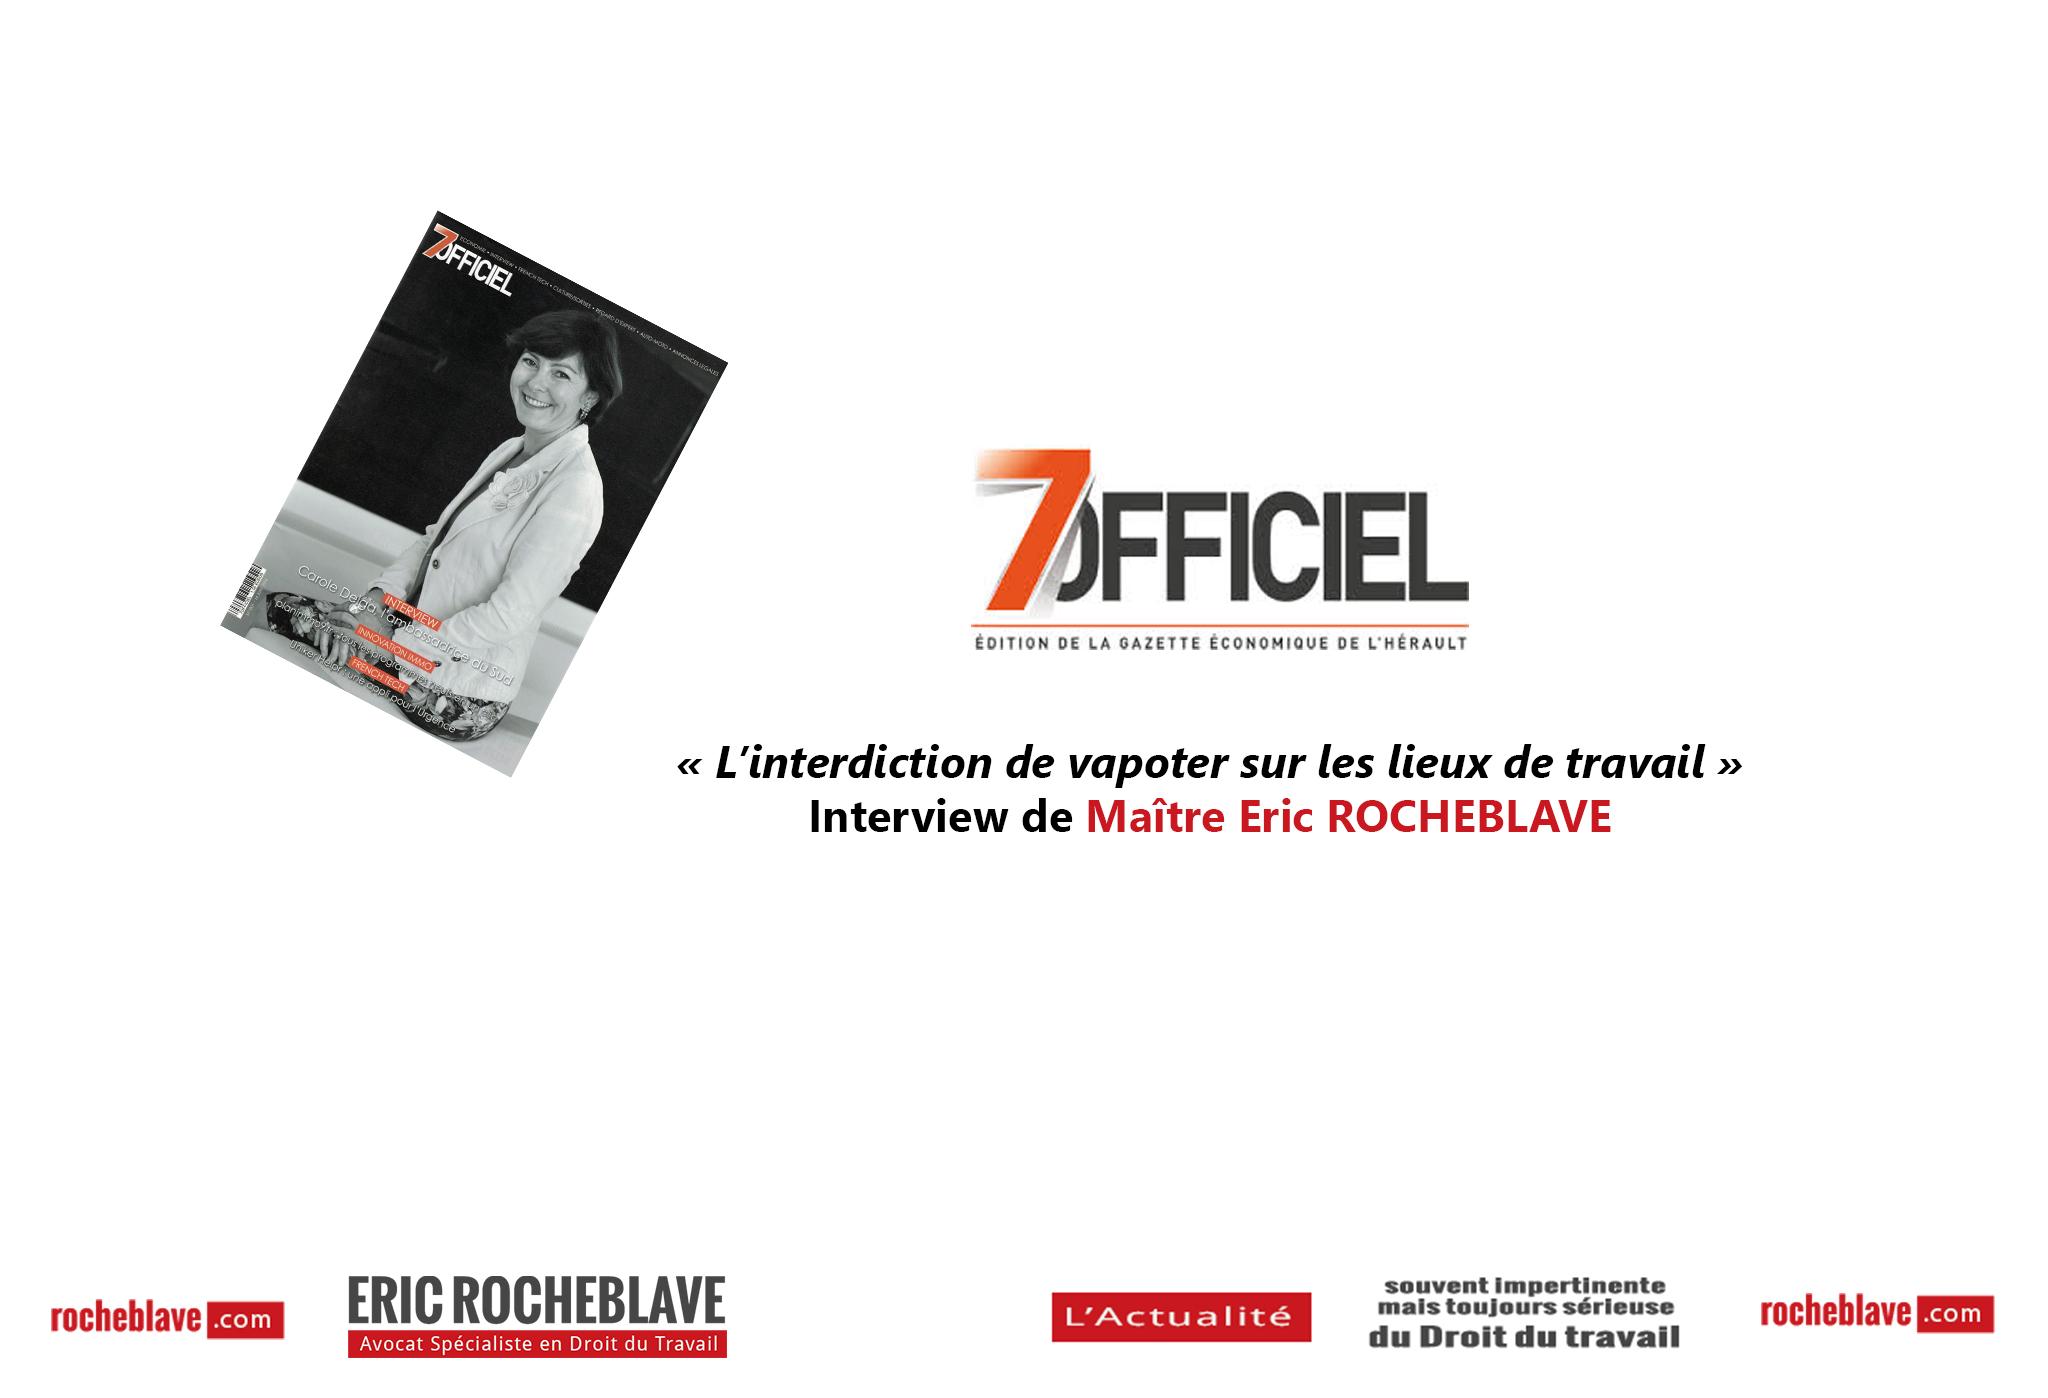 « L'interdiction de vapoter sur les lieux de travail »  Interview de Maître Eric ROCHEBLAVE | 7OFFICIEL